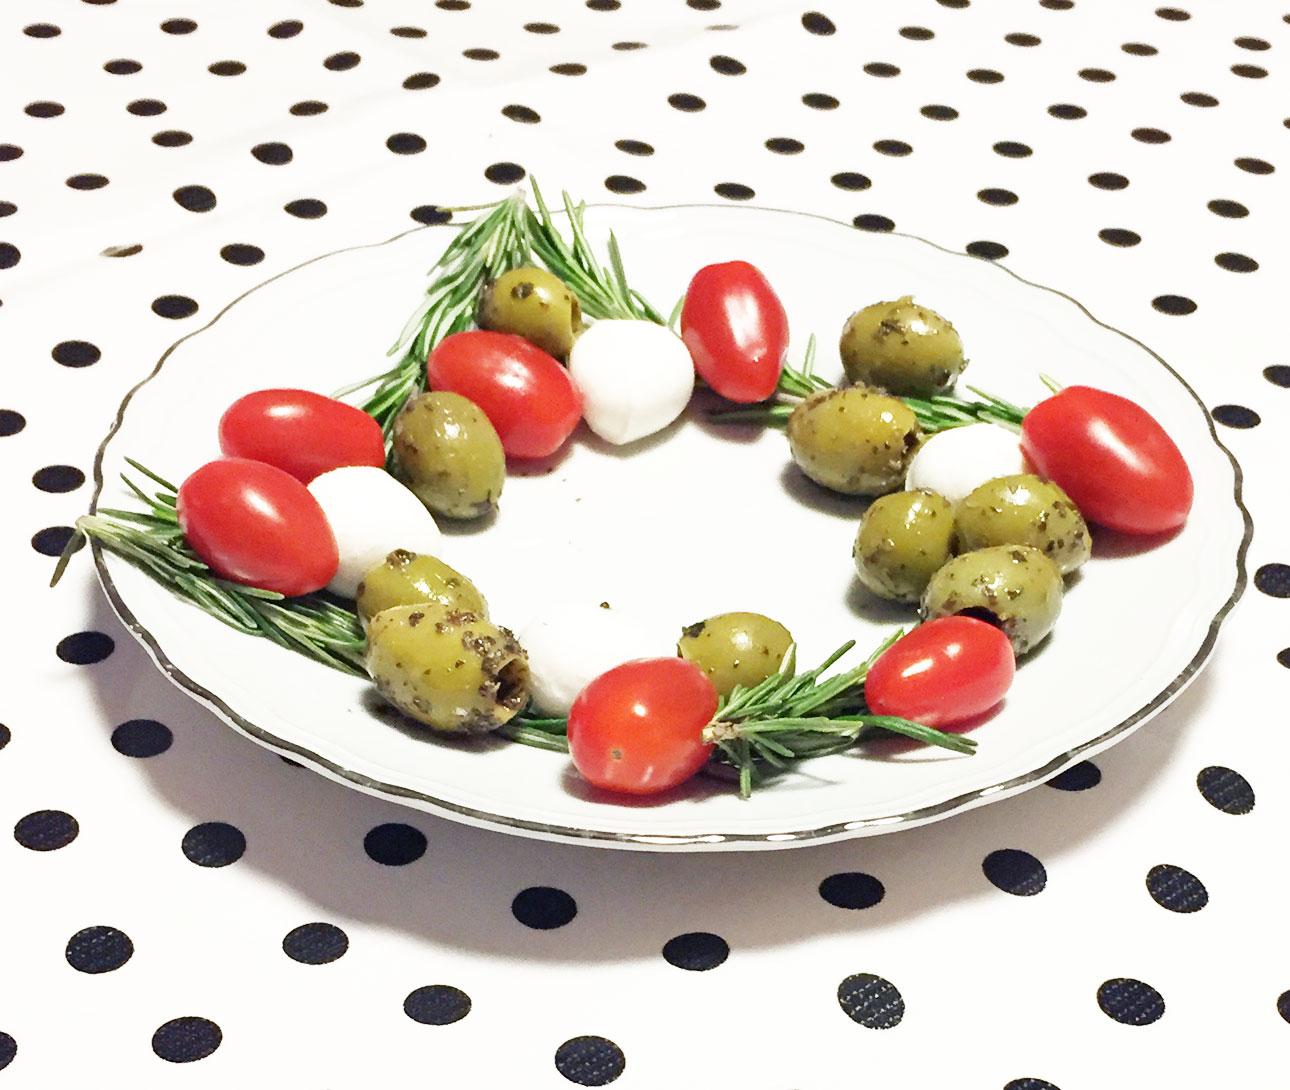 Kerstkrans - olijvenkrans - kerstborrel snack